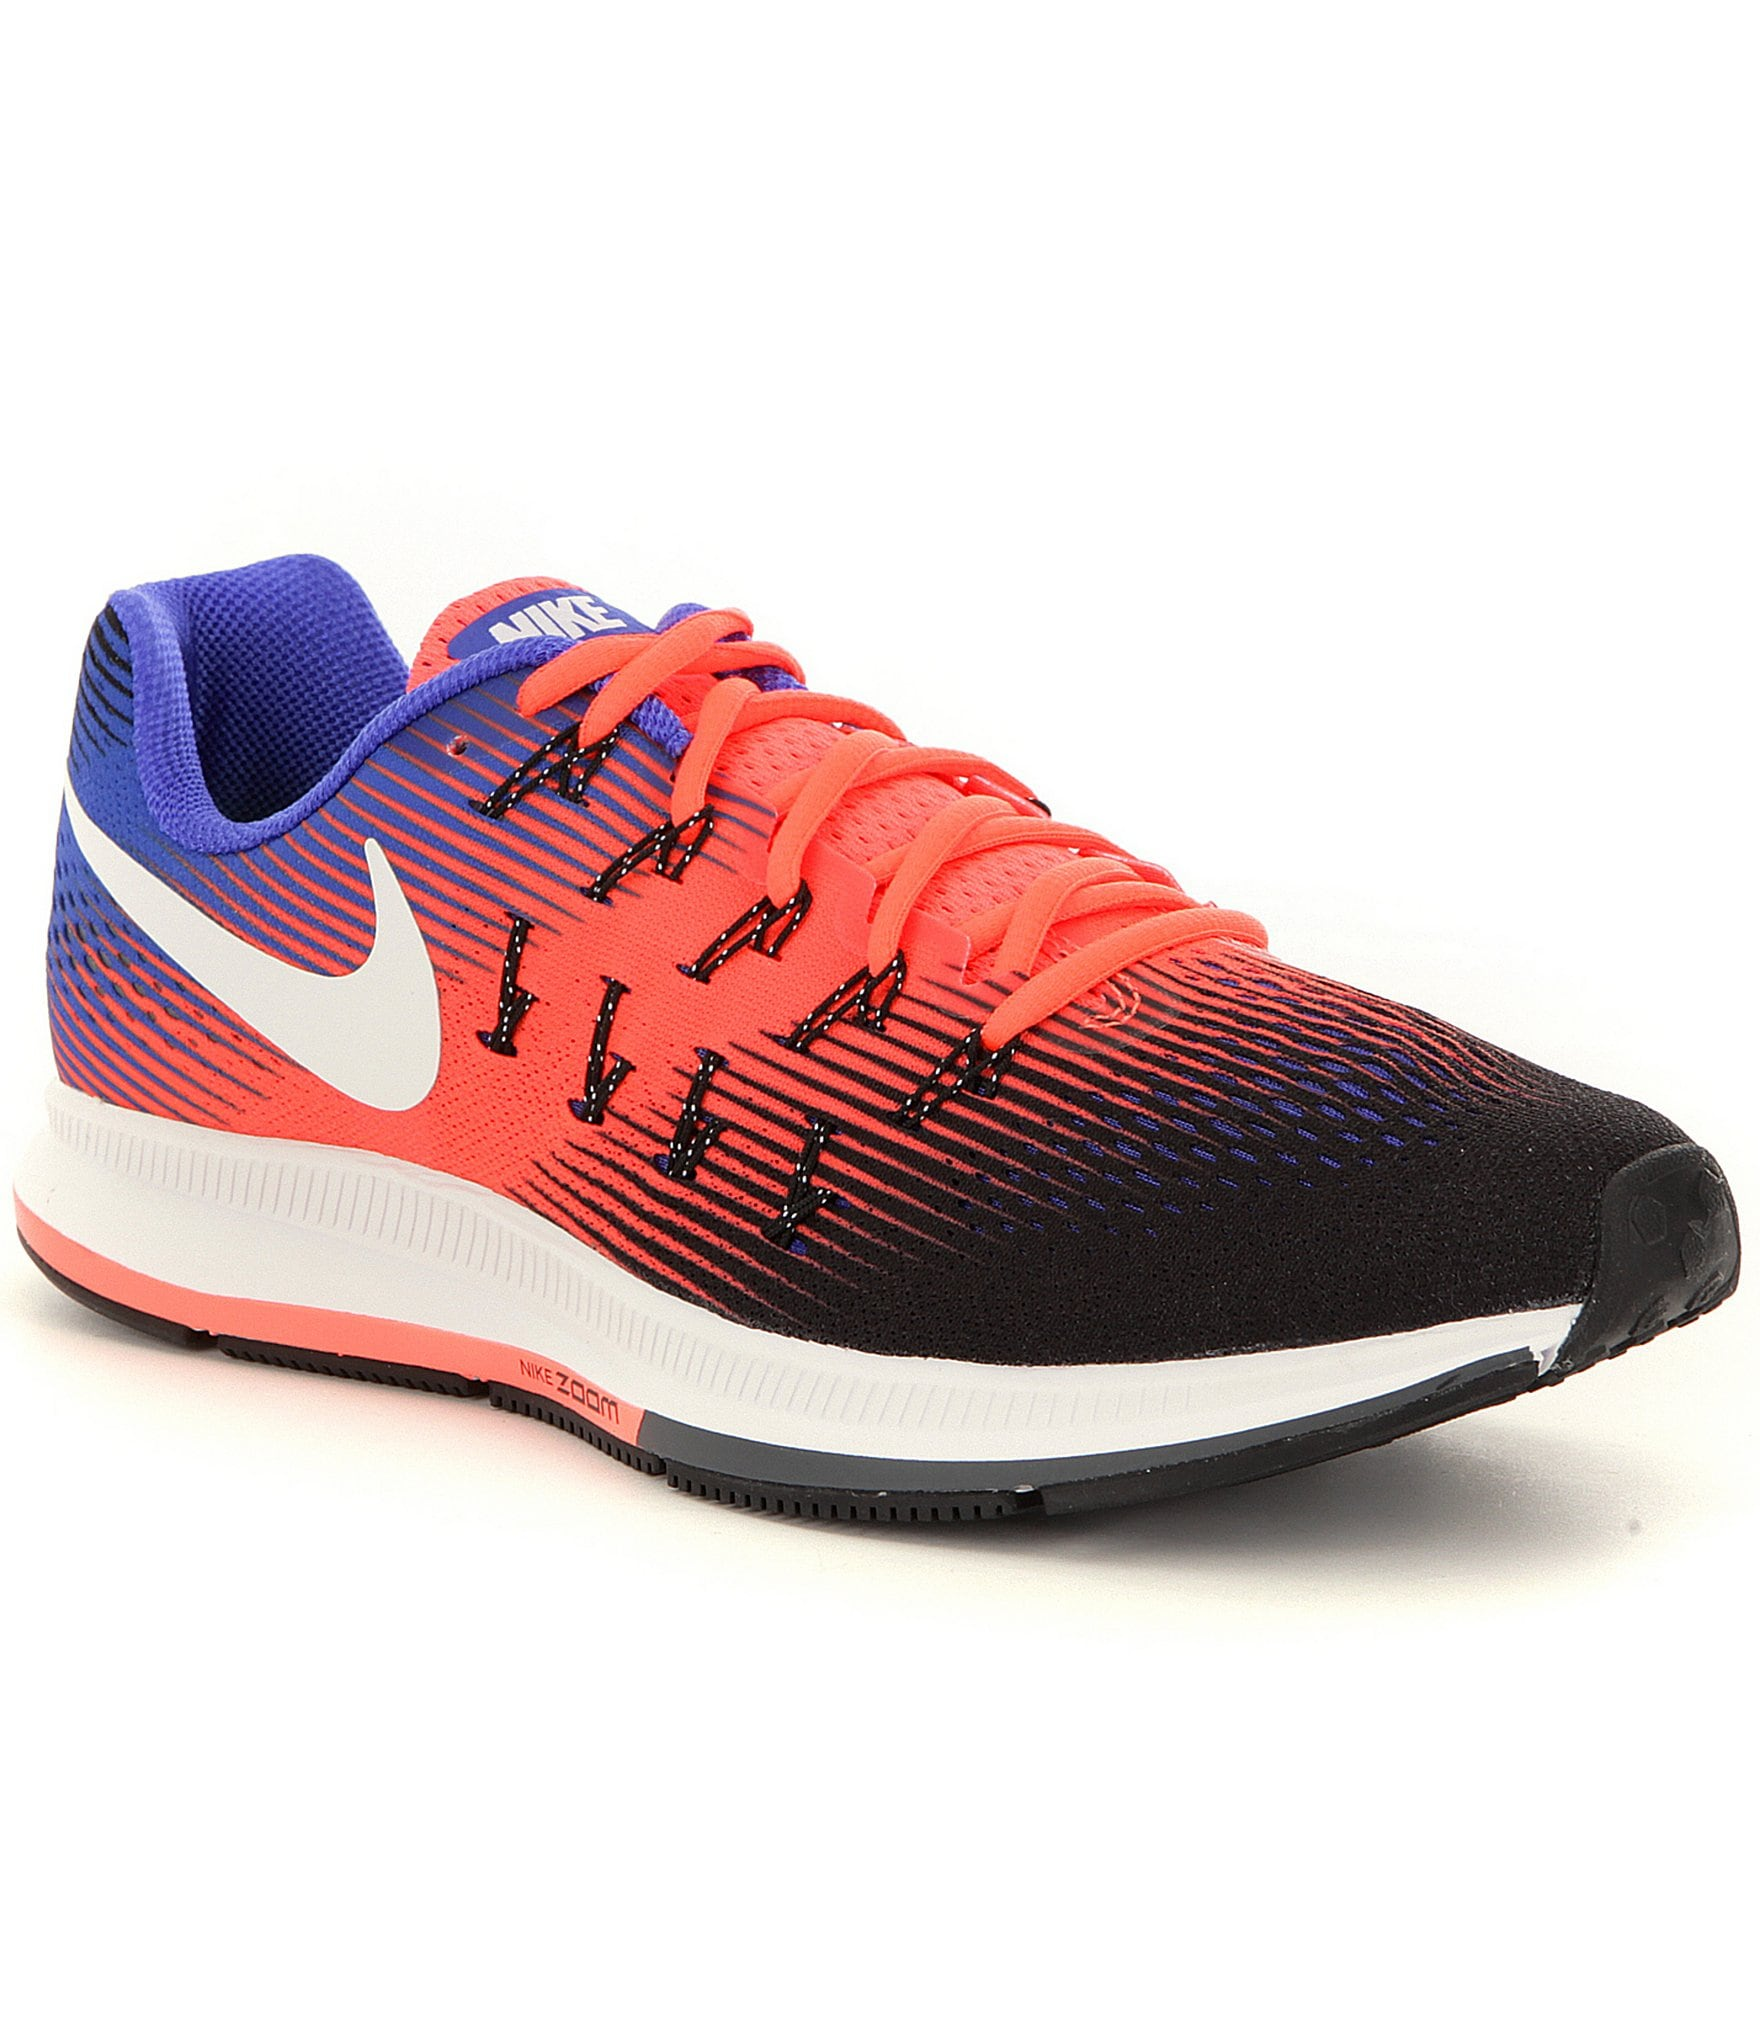 Nike Sb Stefan Janoski Max Shoes Ebay Nike Sb Stefan Janoski Size 9 ... 76e3d11de